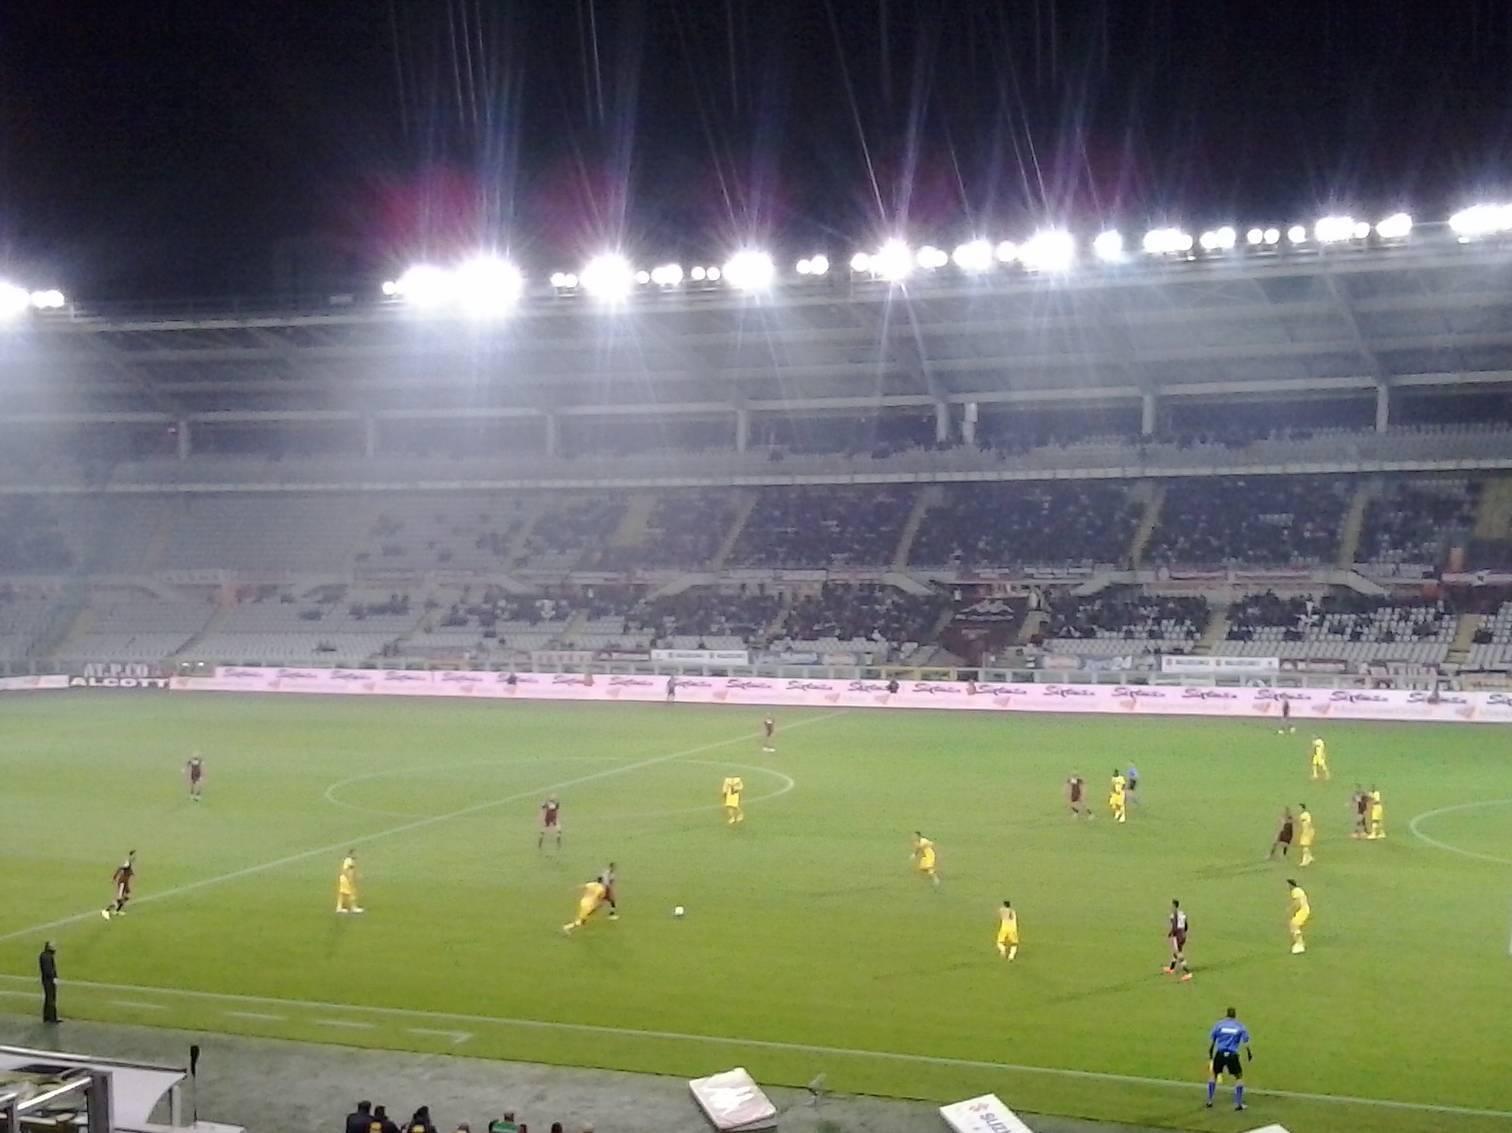 Serie A, Torino-Parma 1-0: lampo di Darmian, Donadoni a fondo